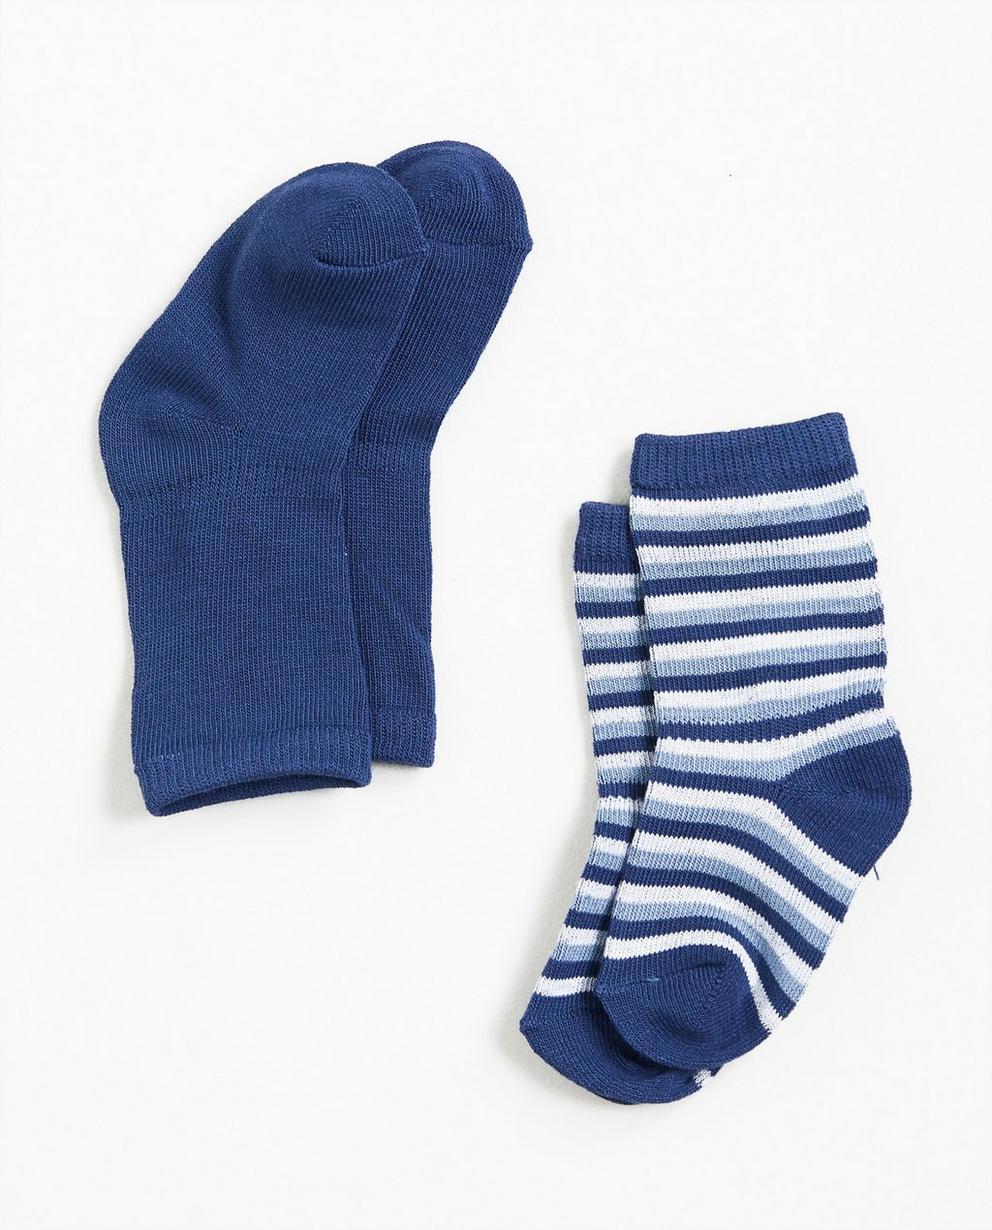 Set aus 2 Paar Strümpfen - in Blau - Newborn